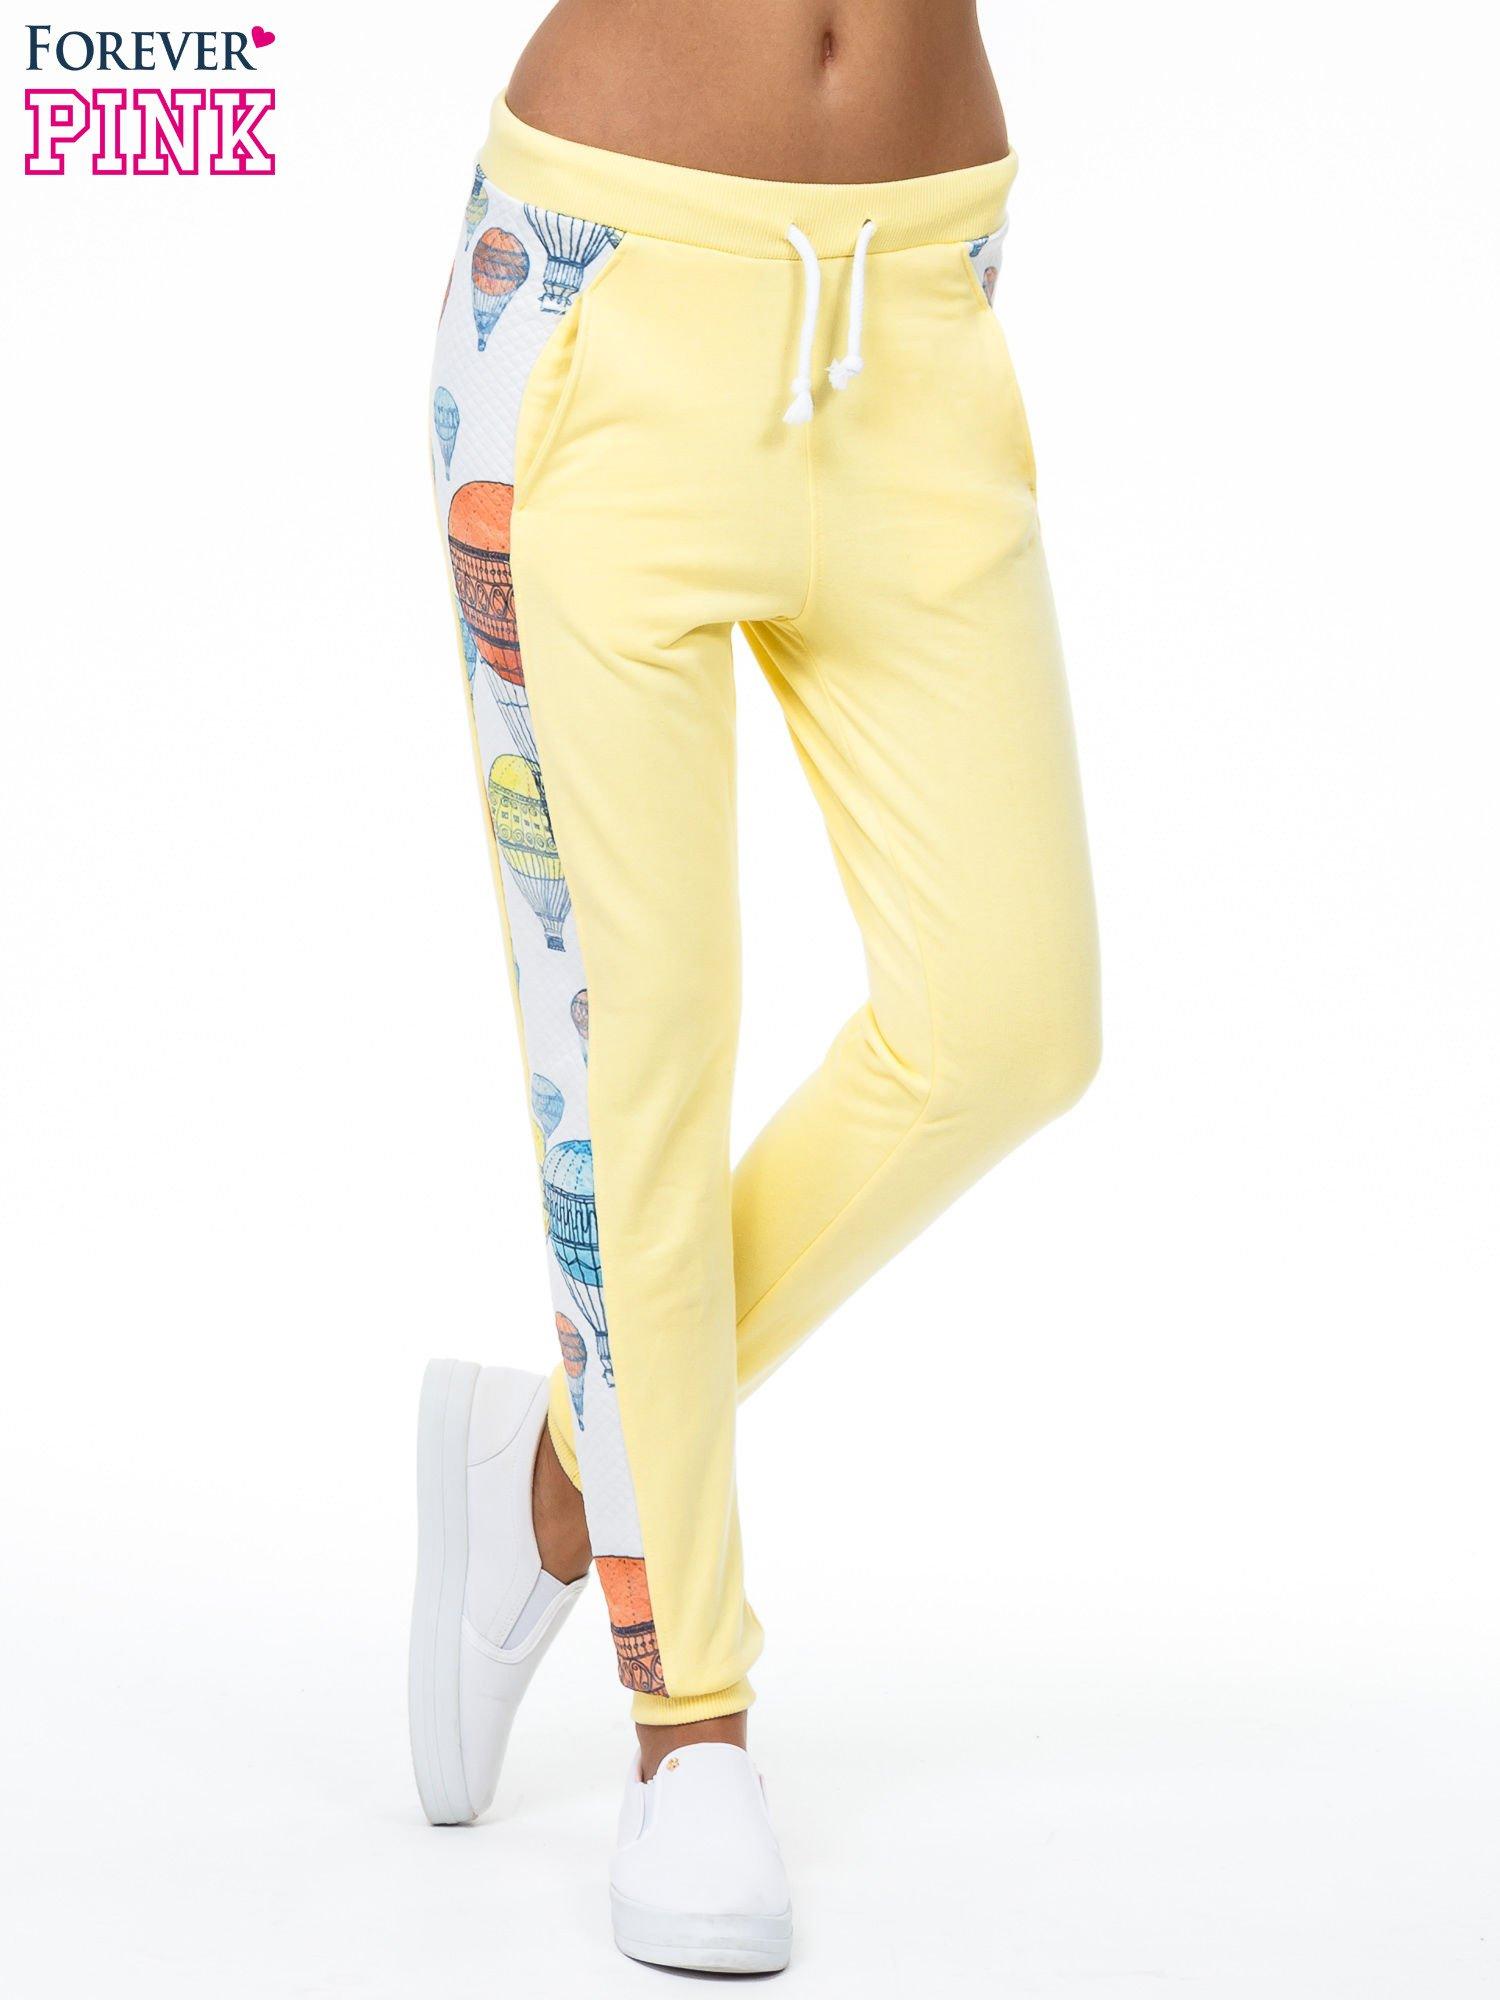 Żółte spodnie dresowe z lampasem w balony                                  zdj.                                  1